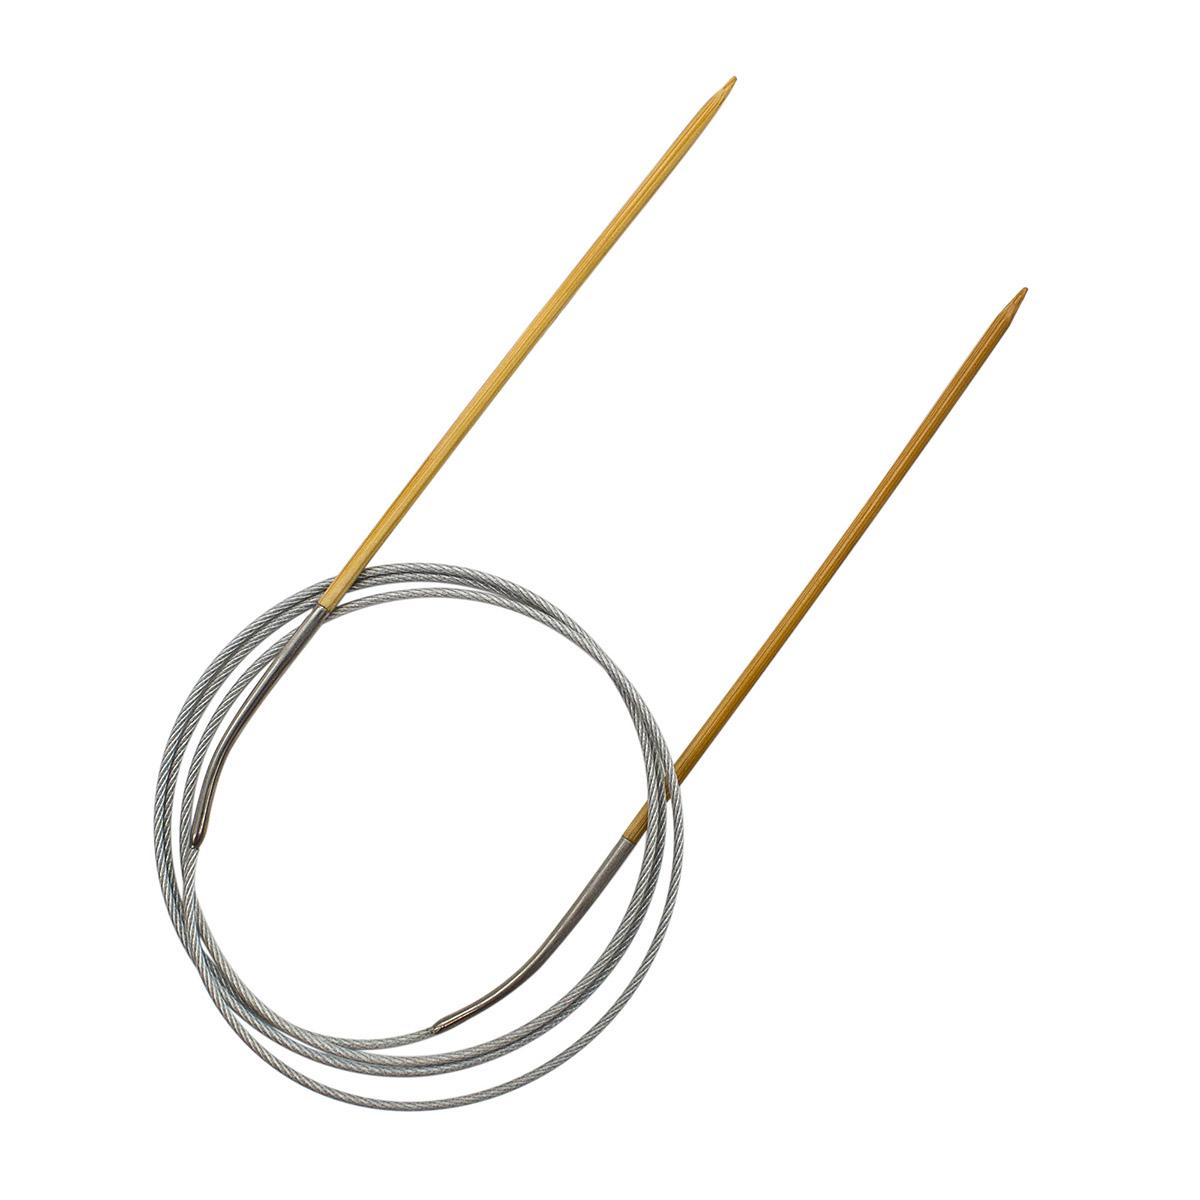 Спицы круговые бамбук с металлическим тросиком 942725, 100 см, 2,5 мм, Hobby&Pro